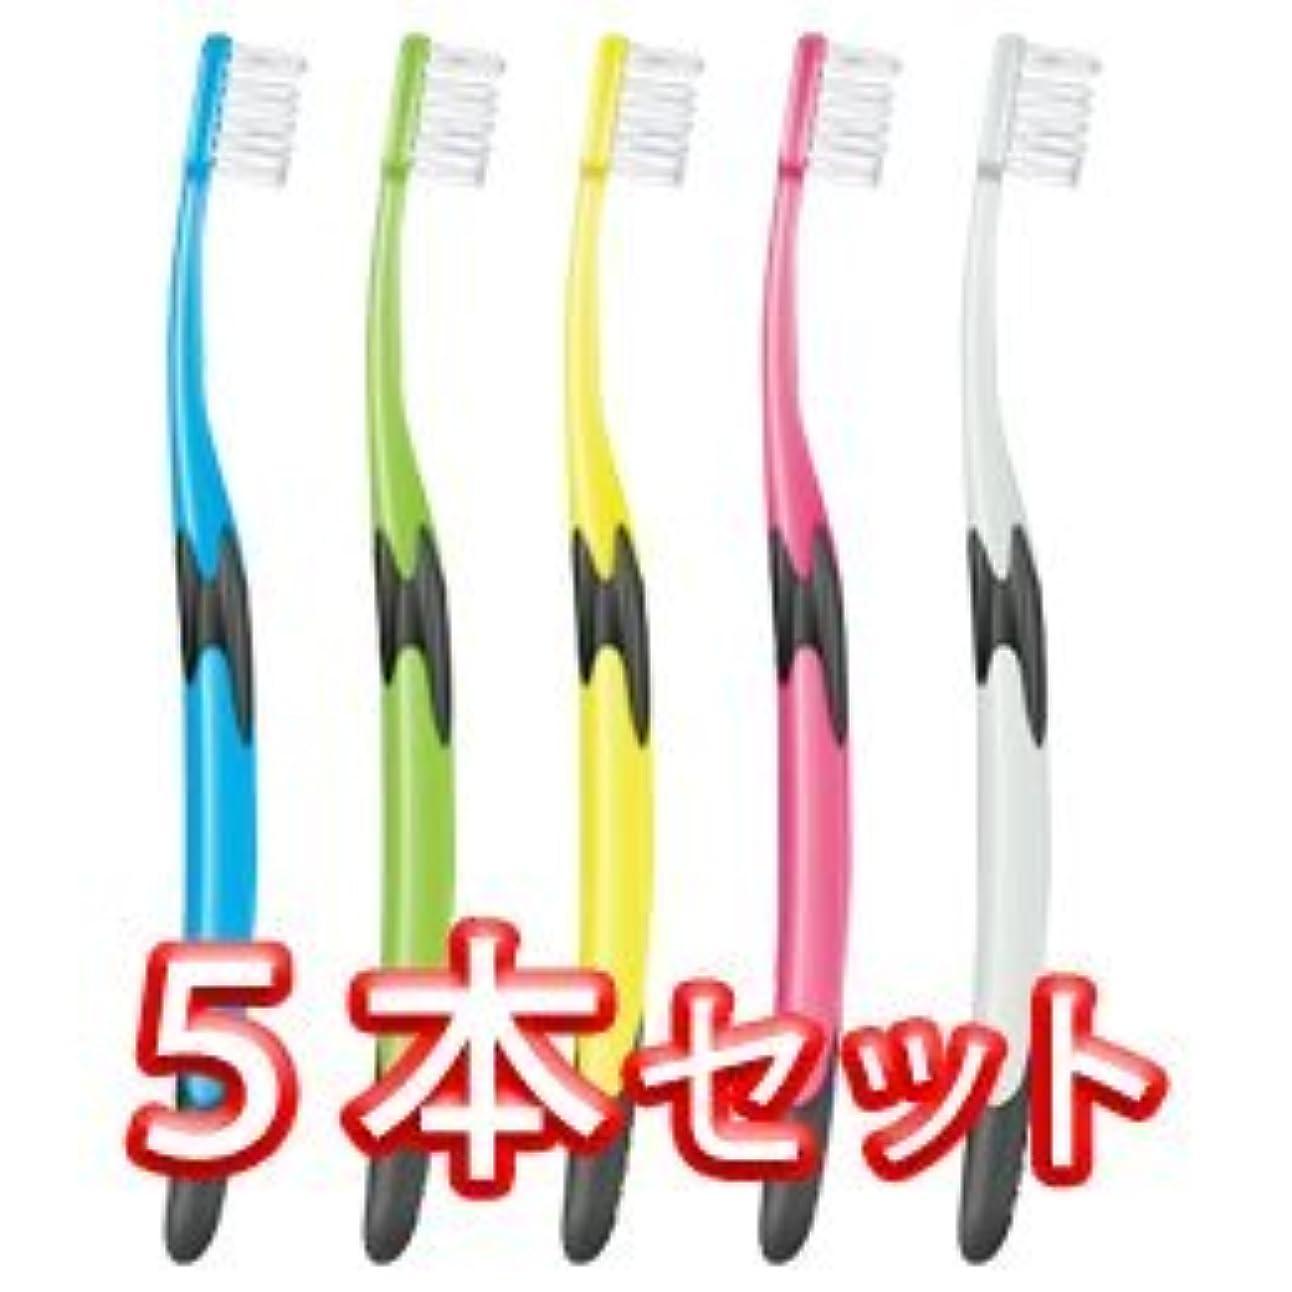 破壊的な品種ヒントジーシー GC ルシェロ P-10 歯ブラシ 5本 (M(ふつう))